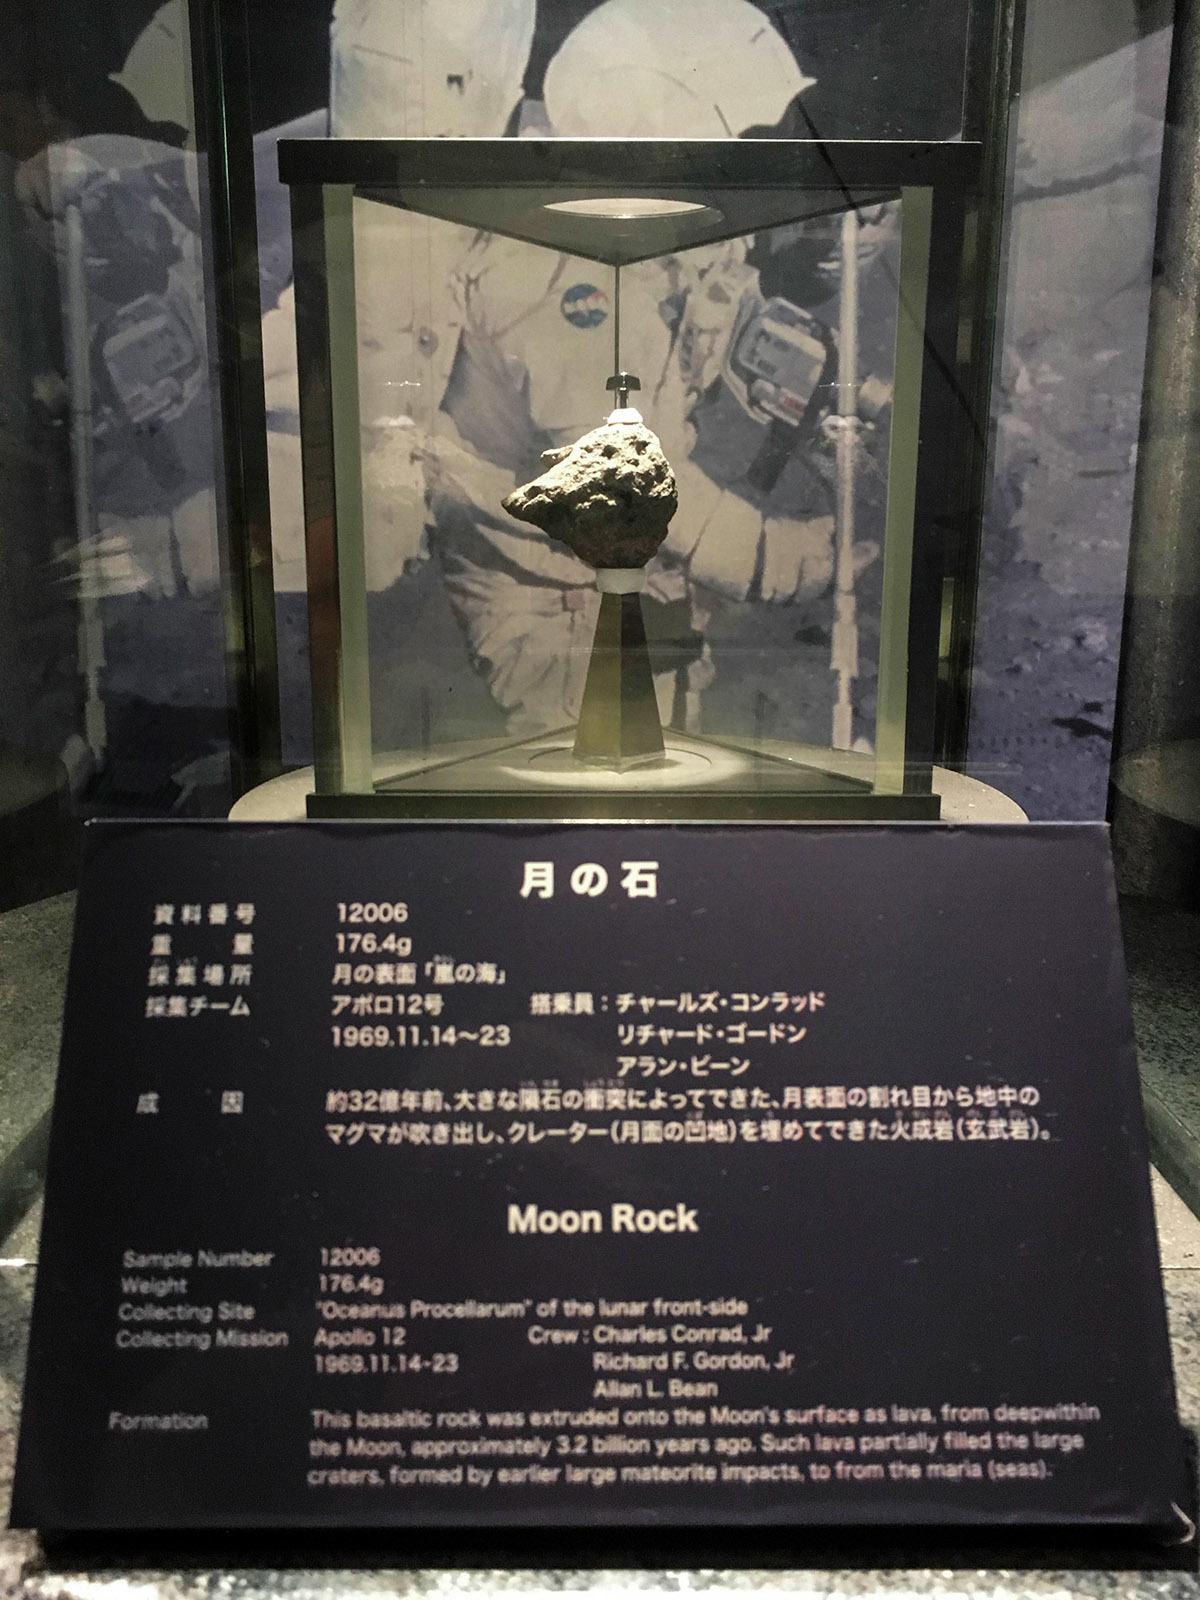 月の石とアポロ宇宙船_c0028861_21294333.jpg